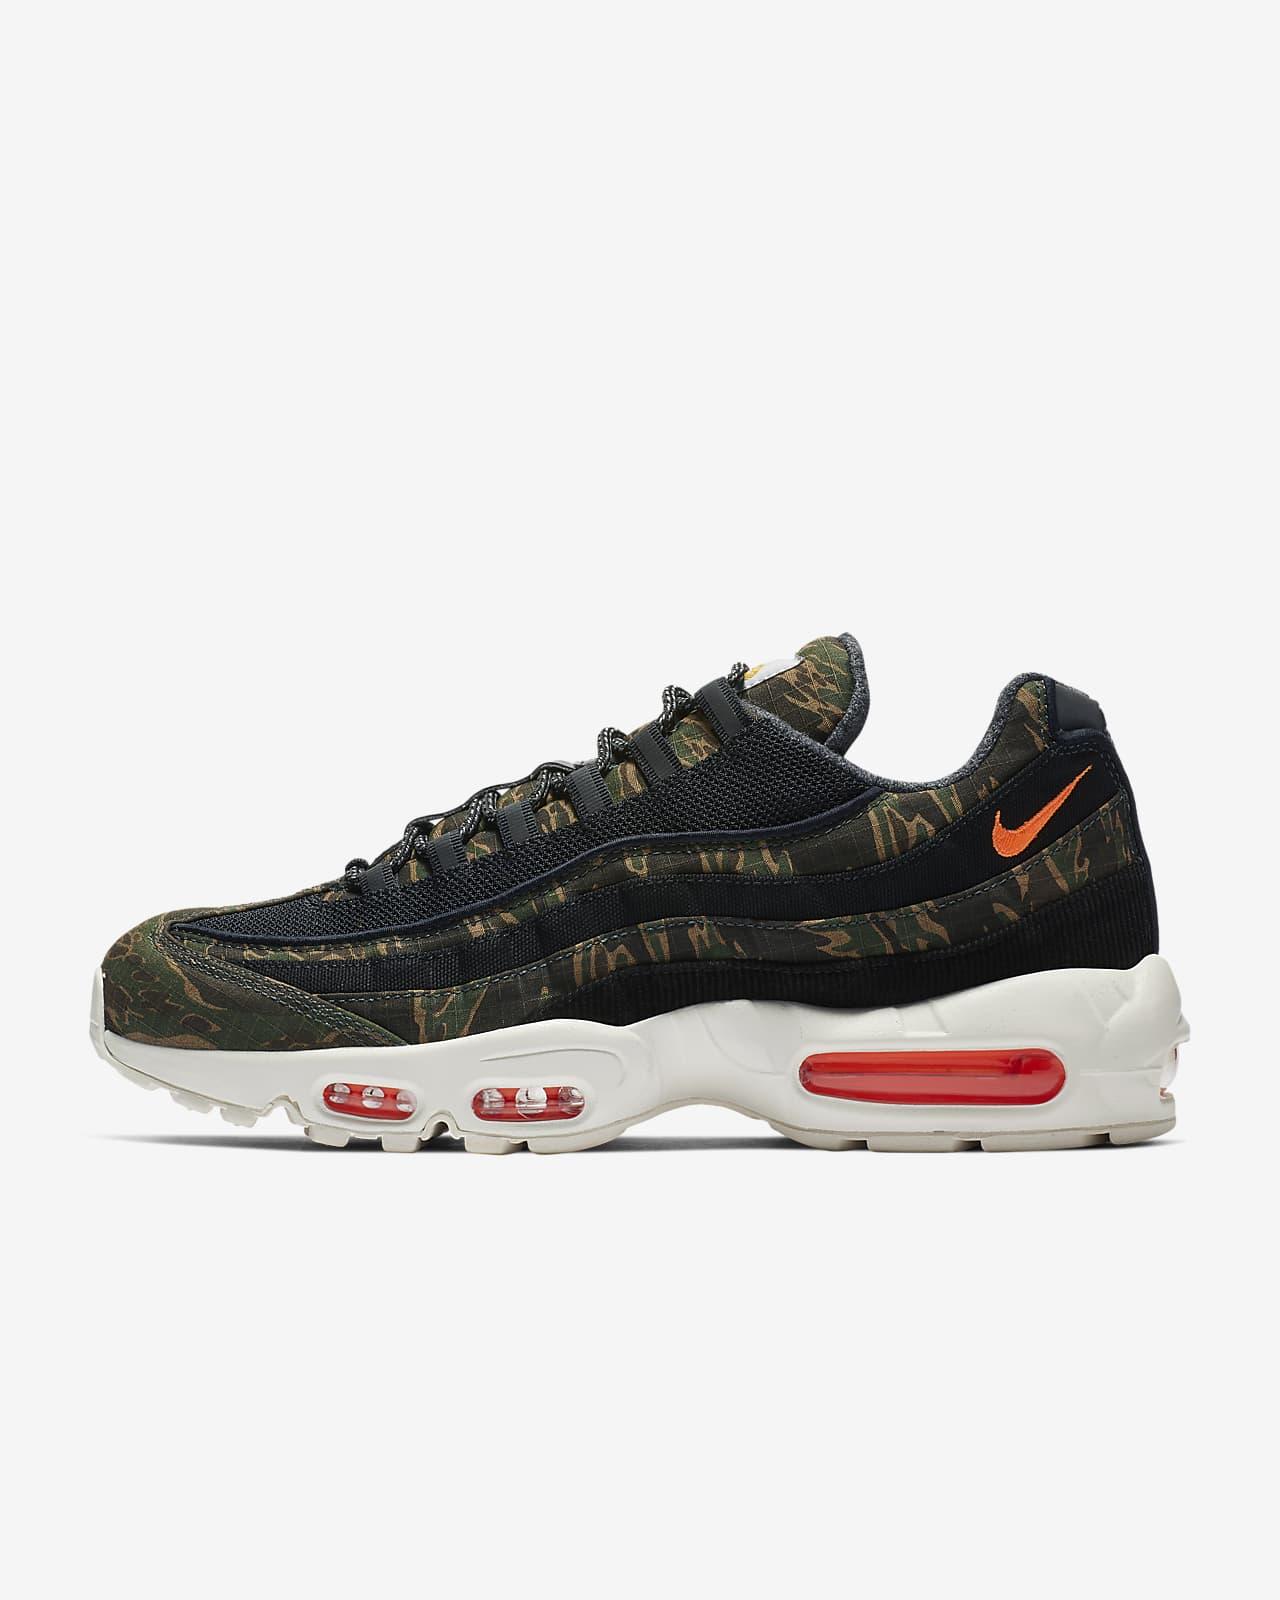 Nike x Carhartt WIP Air Max 95 Men's Shoe